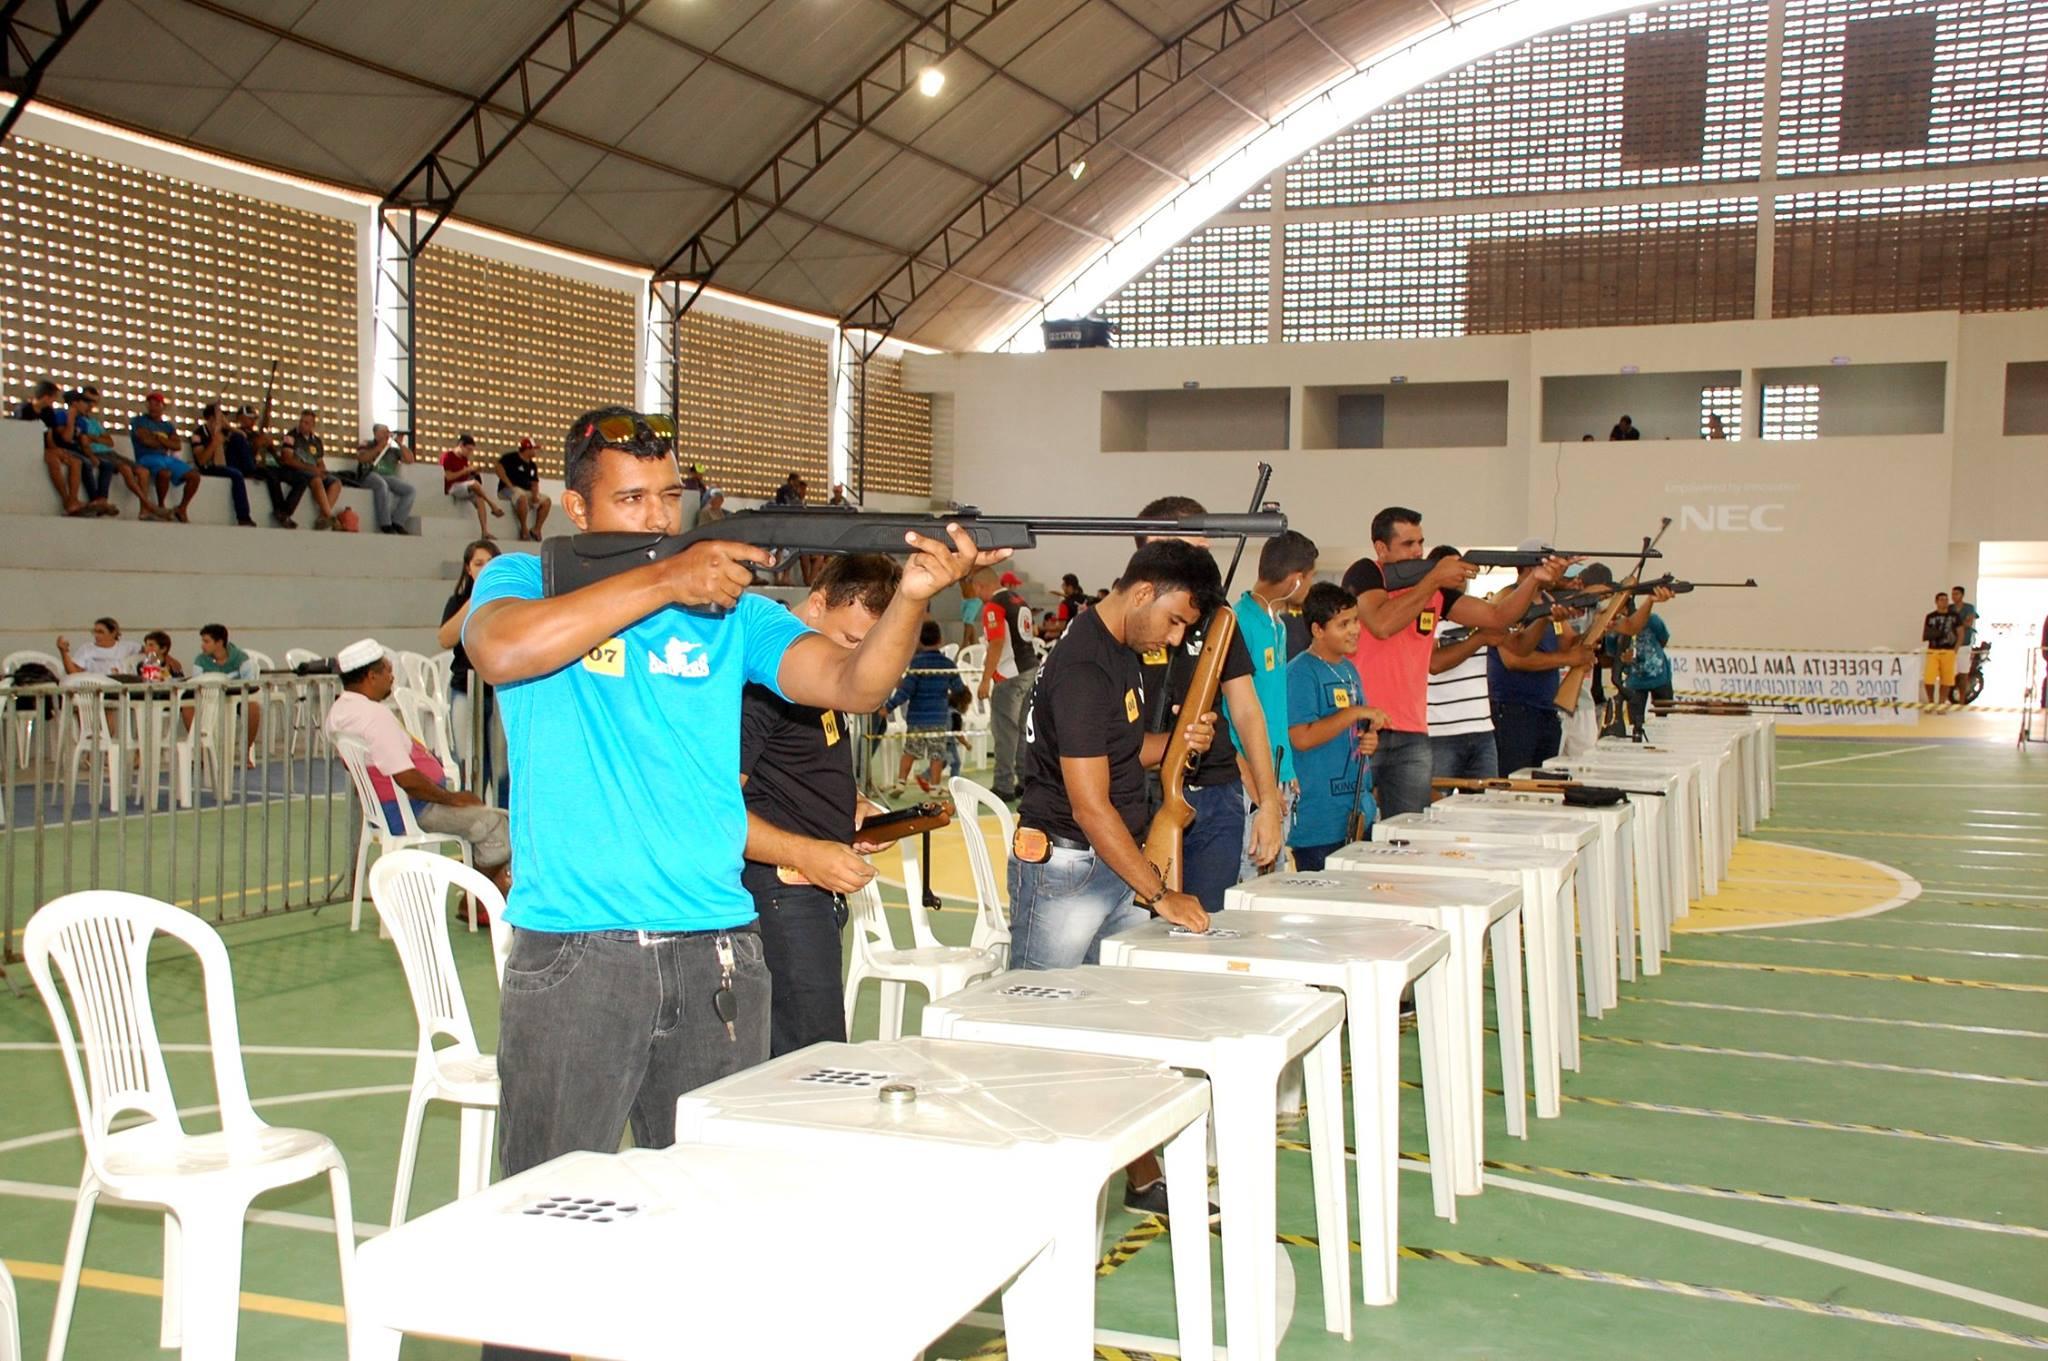 18814707_1889324278007429_5809631529542973742_o-300x199 Participantes comemoram o sucesso do Torneio de Tiro Esportivo de Monteiro